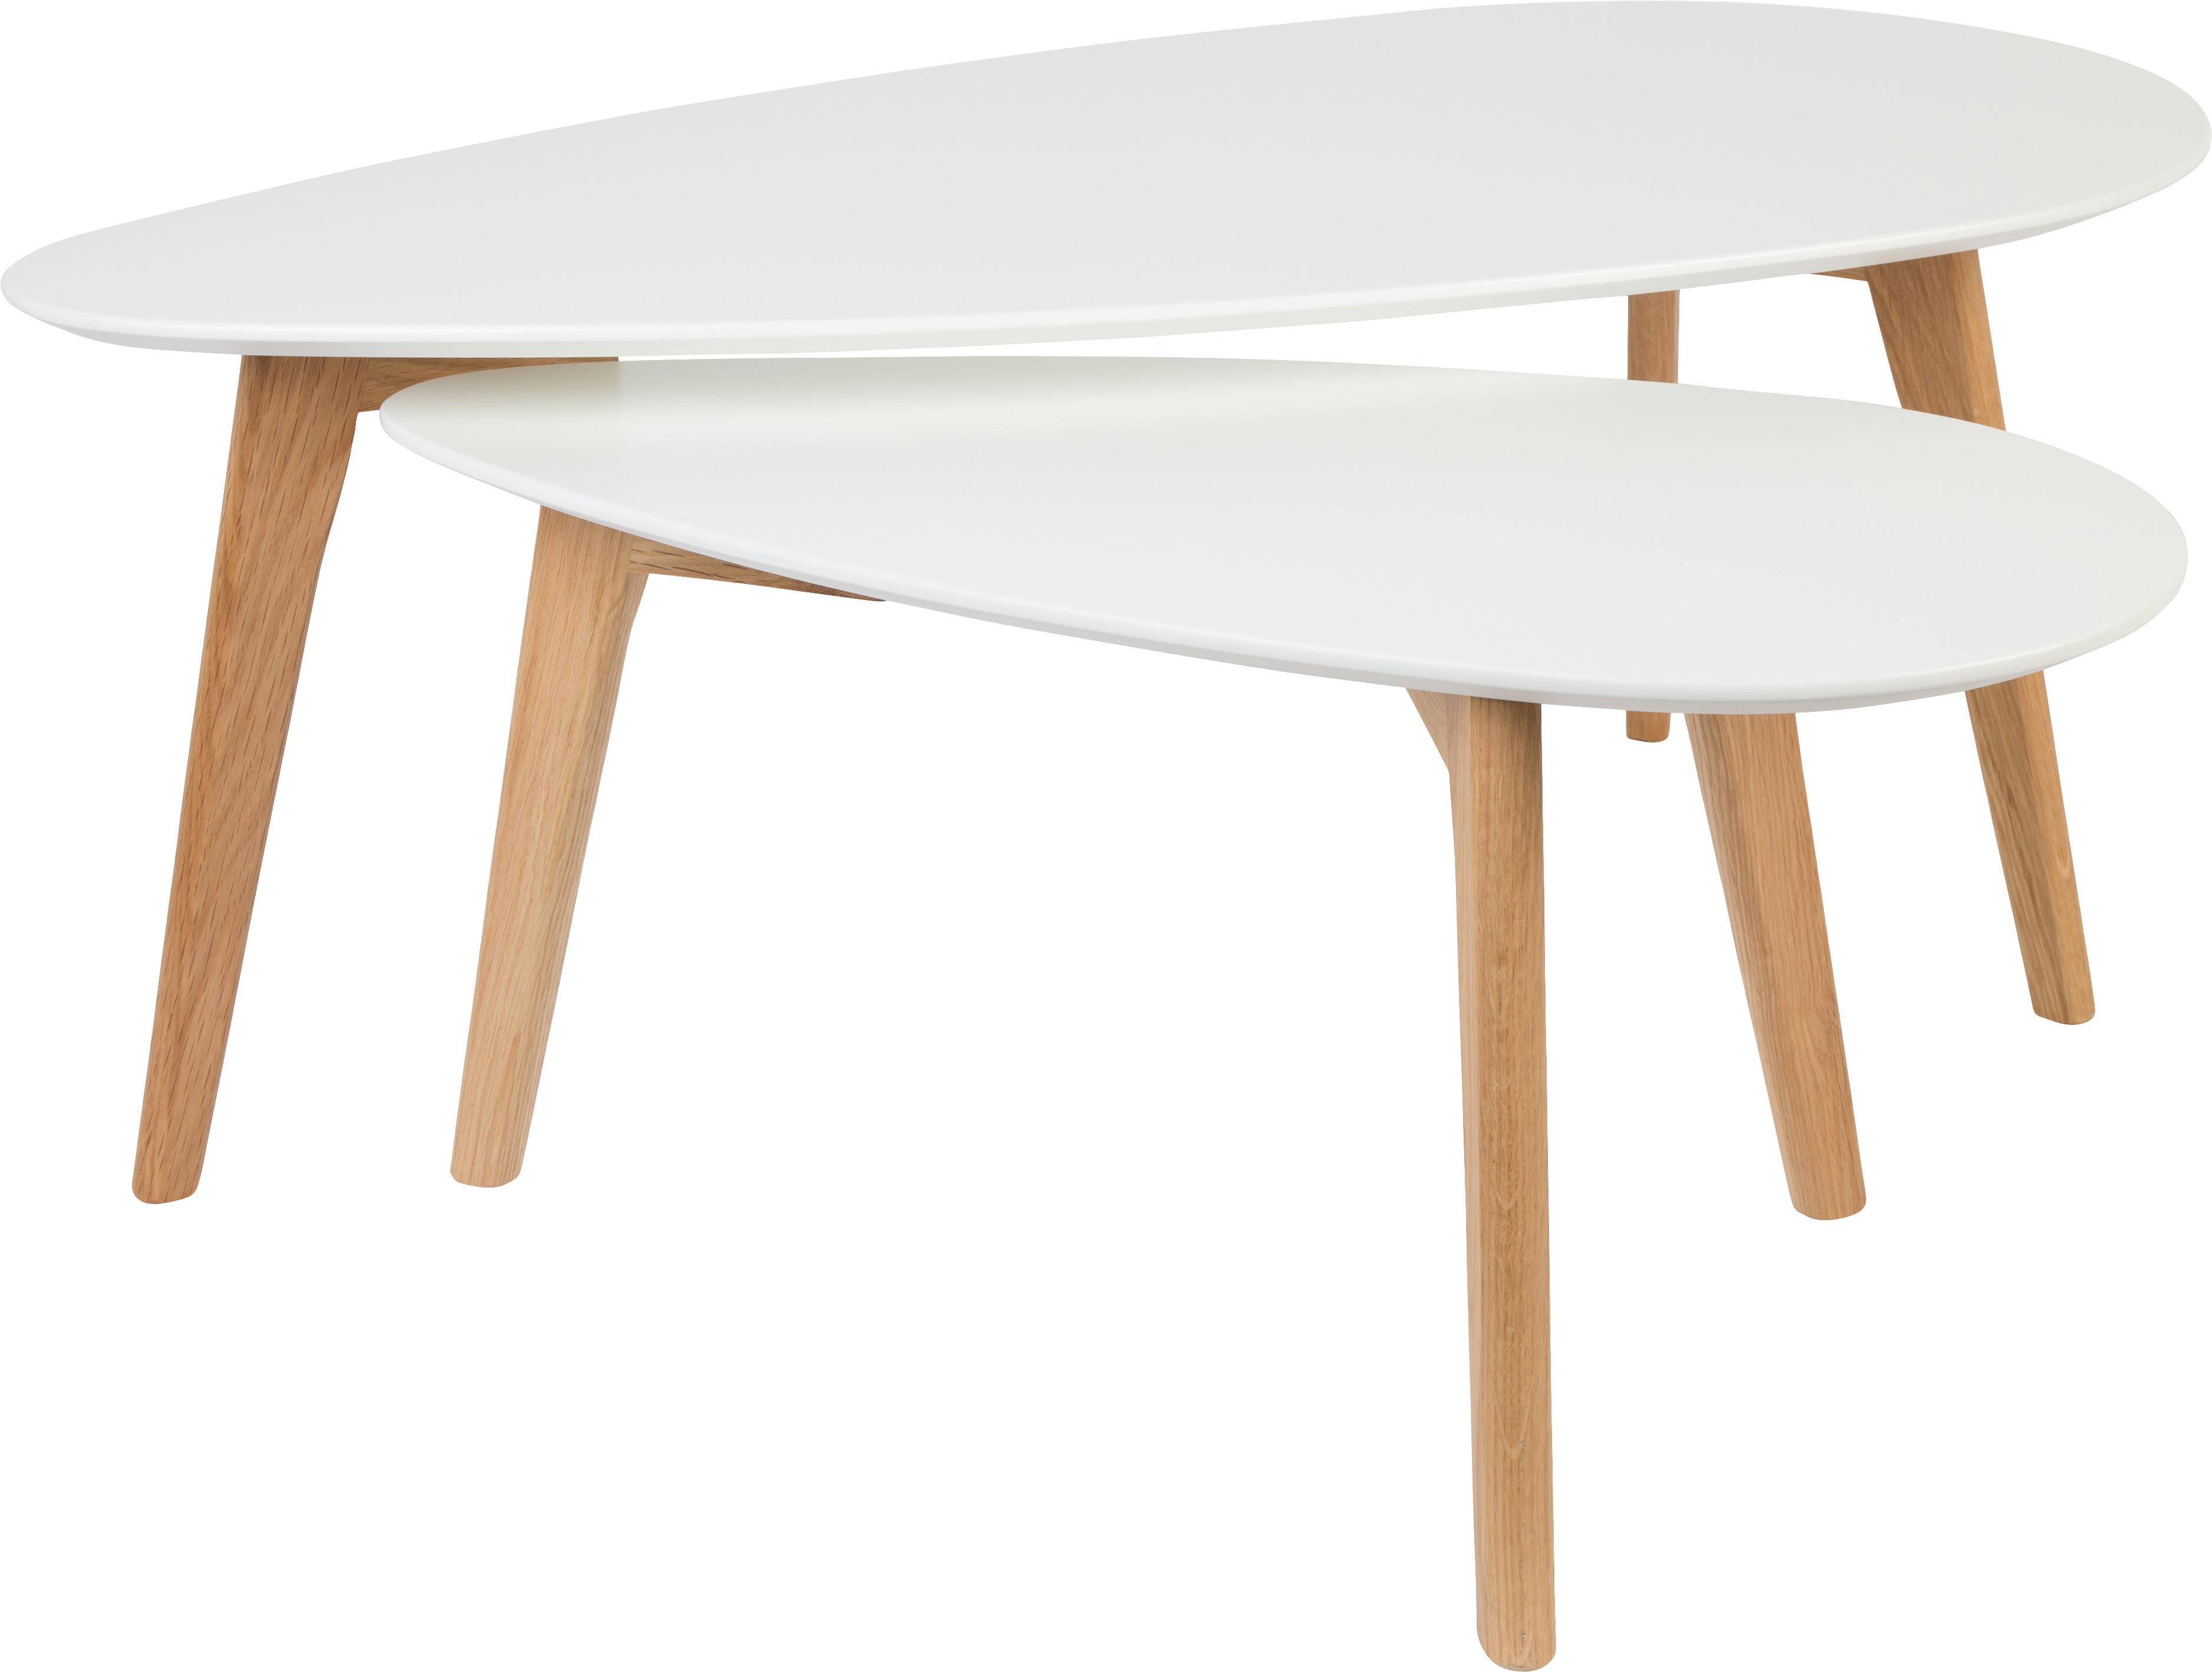 Komplet stolików kawowych Nordic, 2 elem., Blat: płyta pilśniowa o średnie, Nogi: drewno dębowe, Blat: biały<br>Nogi: drewno dębowe, Komplet z różnymi rozmiarami